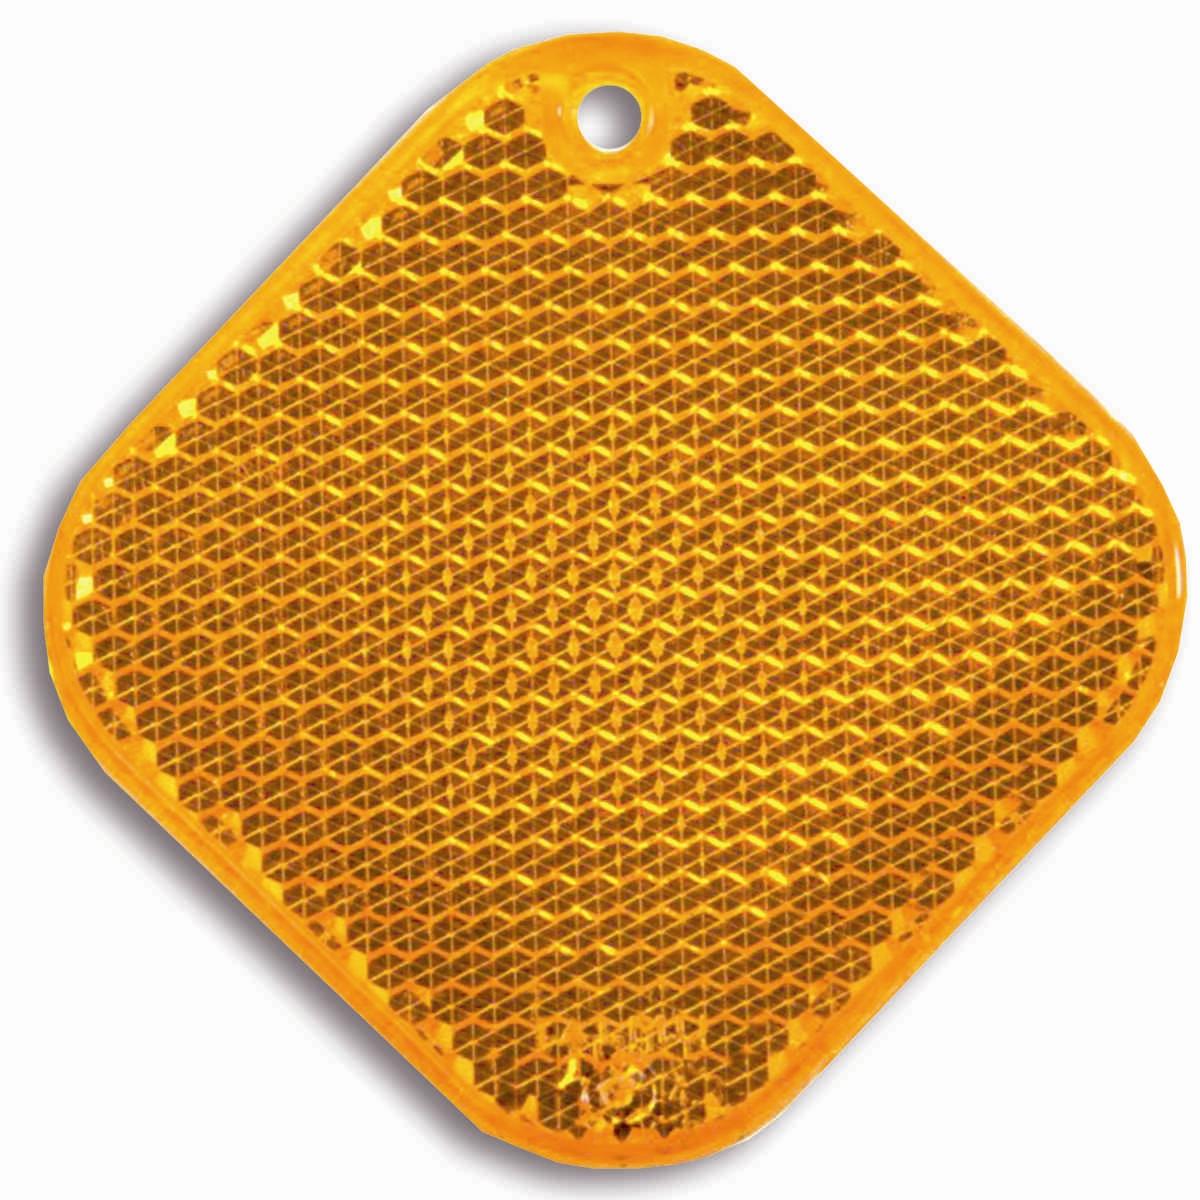 Светоотражатель пешеходный Coreflect Ромб, цвет: оранжевыйВетерок 2ГФПешеходный светоотражатель — это серьезное средство безопасности на дороге. Использование светоотражателей позволяет в десятки раз сократить количество ДТП с участием пешеходов в темное время суток. Светоотражатель крепится на одежду и обладает способностью к направленному отражению светового потока. Благодаря такому отражению, водитель может вовремя заметить пешехода в темноте, даже если он стоит или двигается по обочине. А значит, он успеет среагировать и избежит возможного столкновения. С 1 июля 2015 года ношение светоотражателей вне населенных пунктов является обязательным для пешеходов! Мы рекомендуем носить их и в городе! Для безопасности и сохранения жизни!